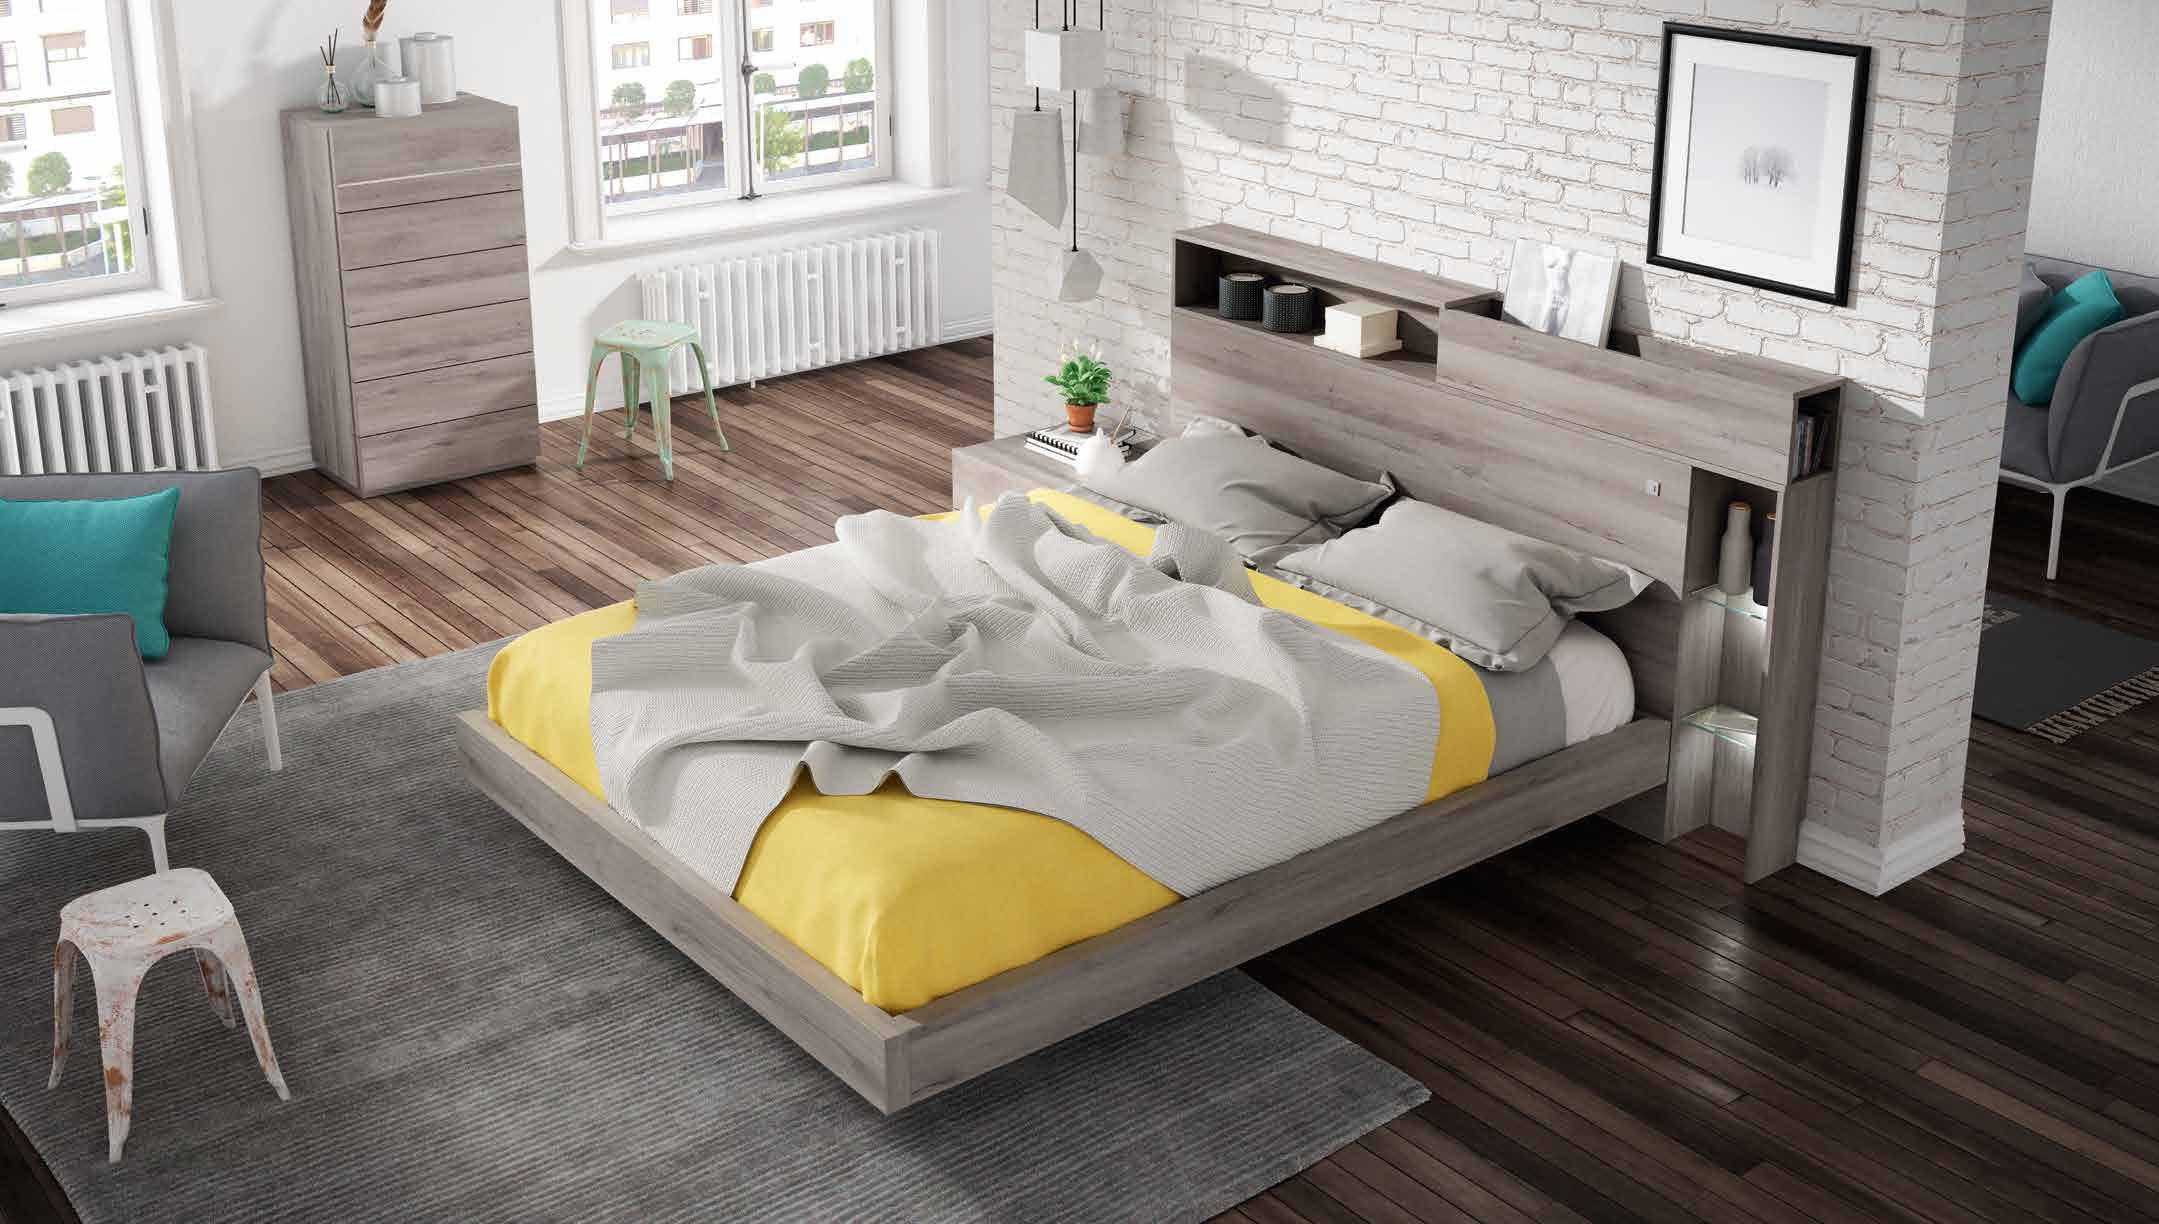 creta-dormitorio-hebros-37